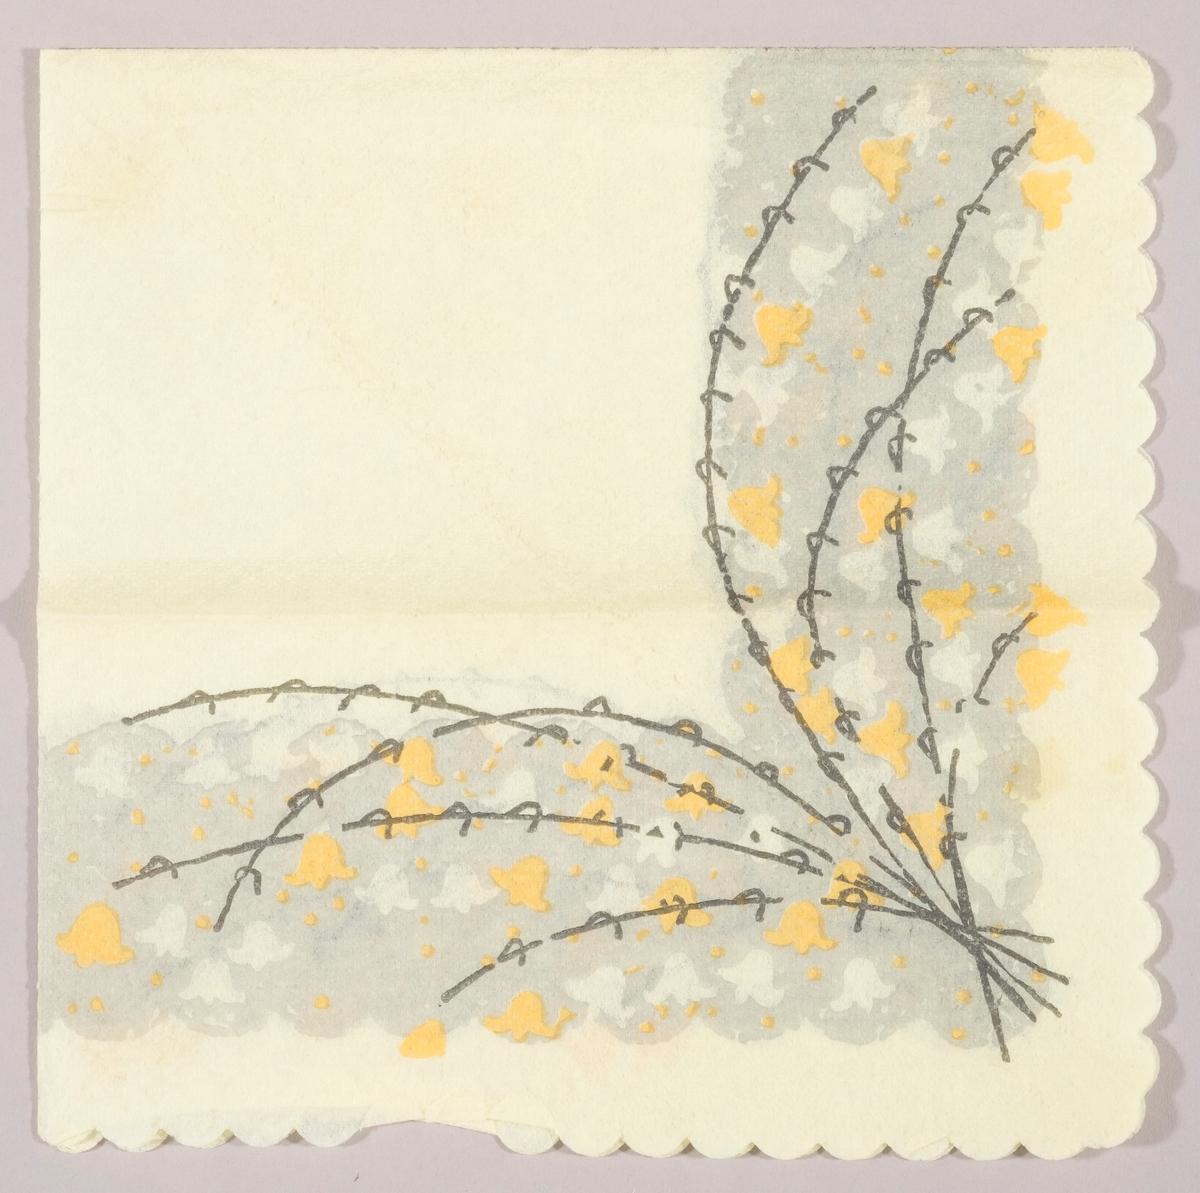 Grener med snøklokker i hvit og gul på en grå og gul bakgrunn